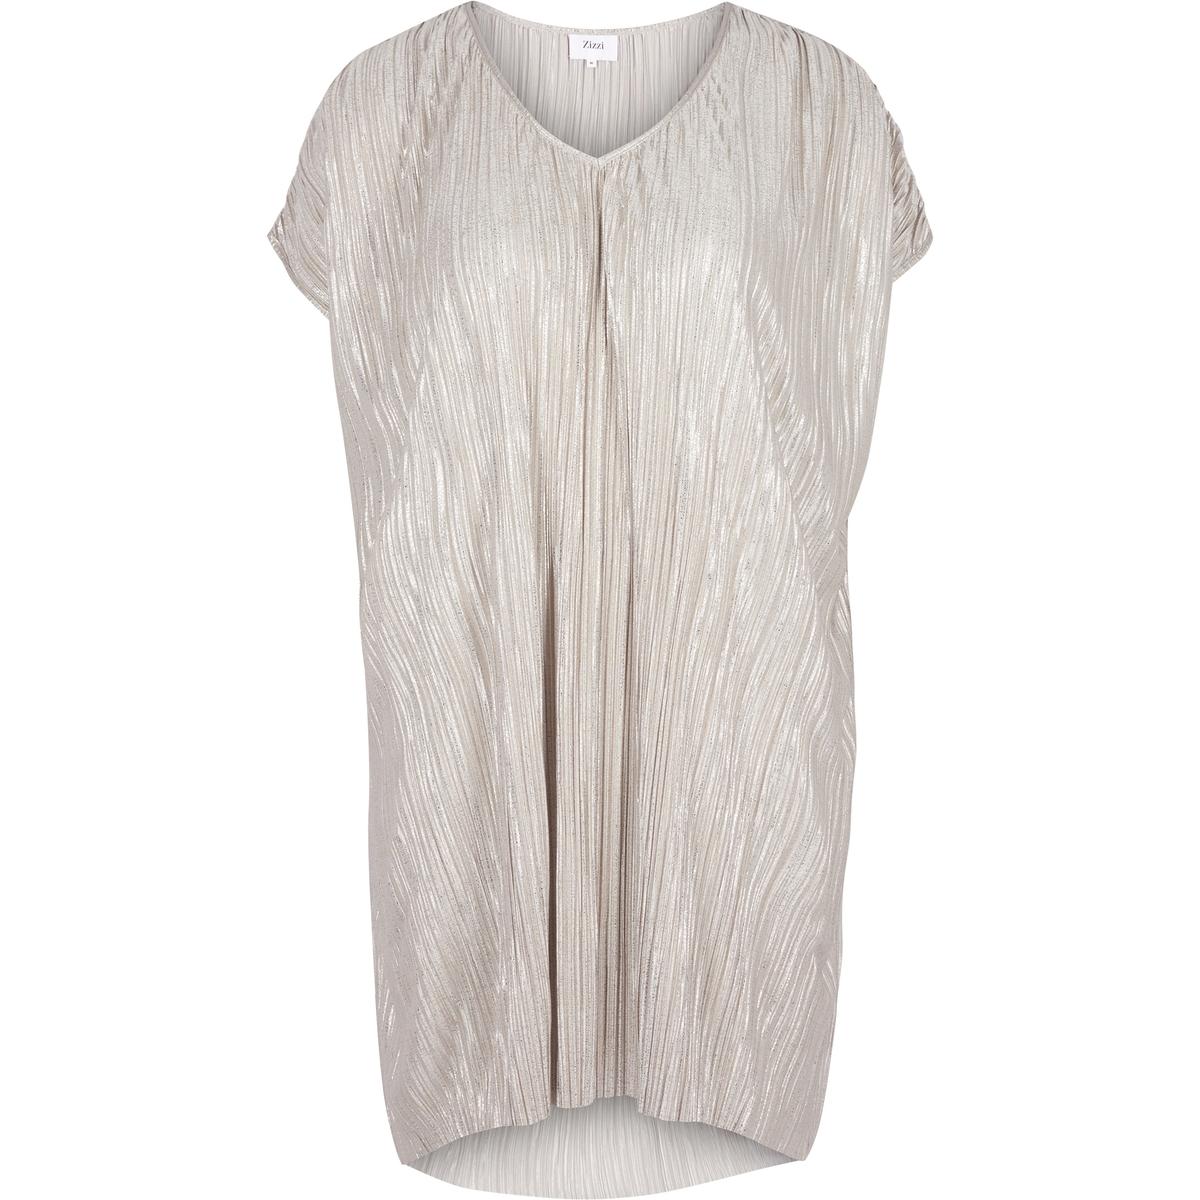 купить Платье прямое средней длины, однотонное, с короткими рукавами по цене 3149.1 рублей